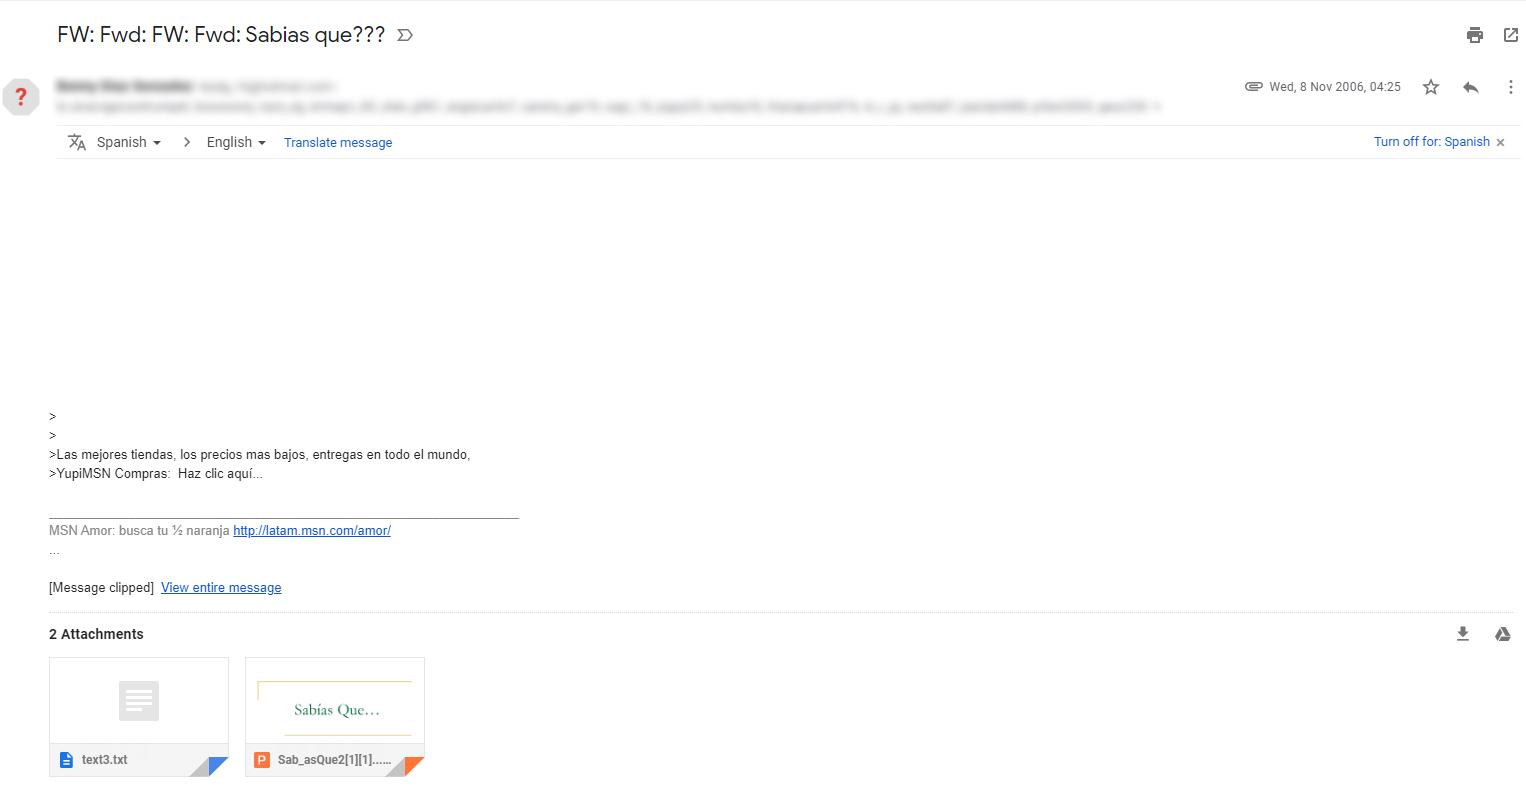 sabias que email cerdo.jpg